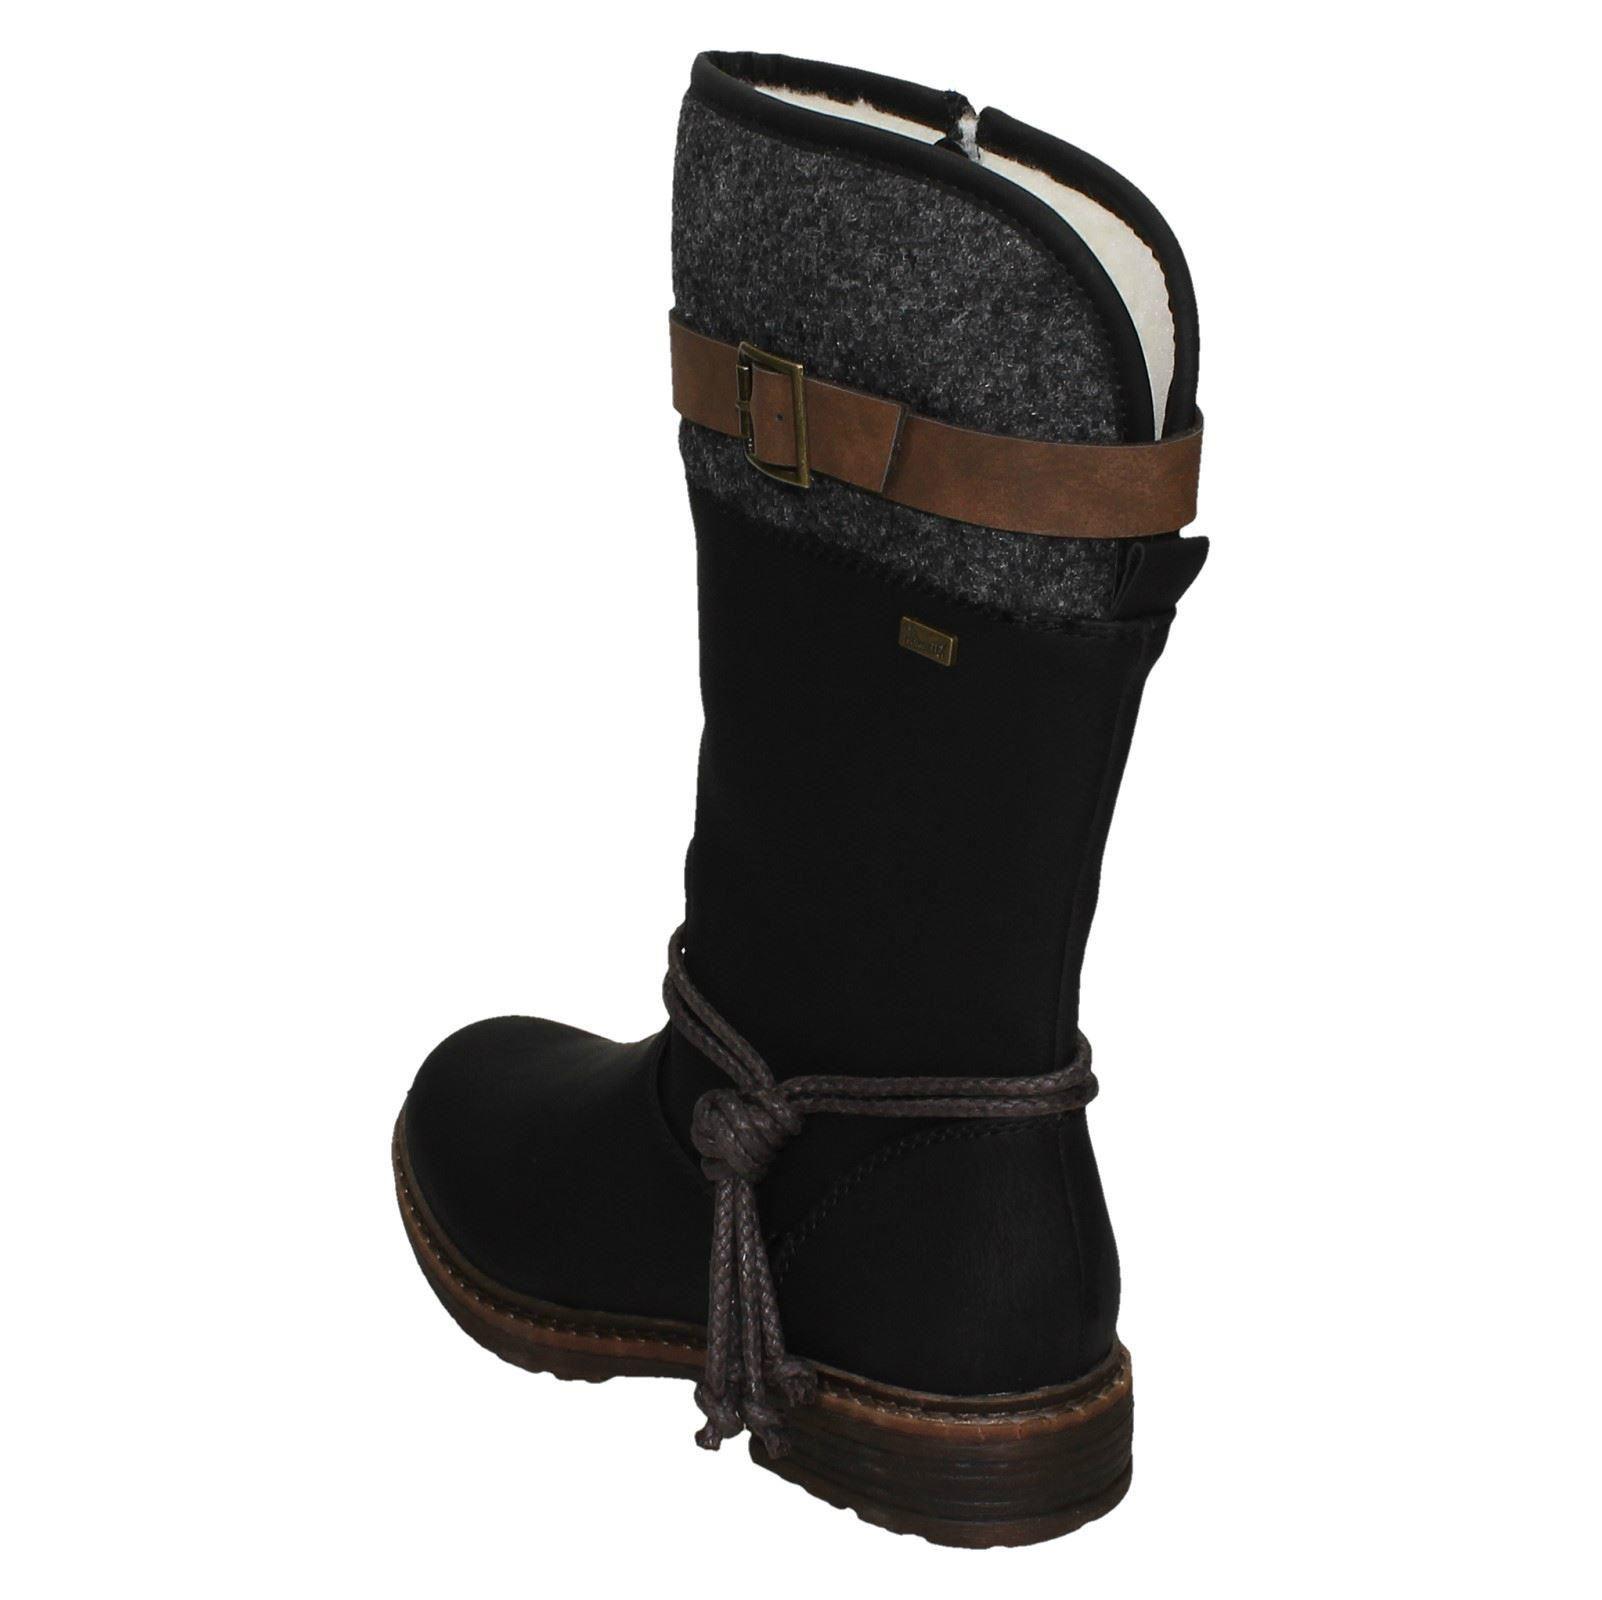 Ladies Rieker Warmlined Mid Calf Boots 94778 Black